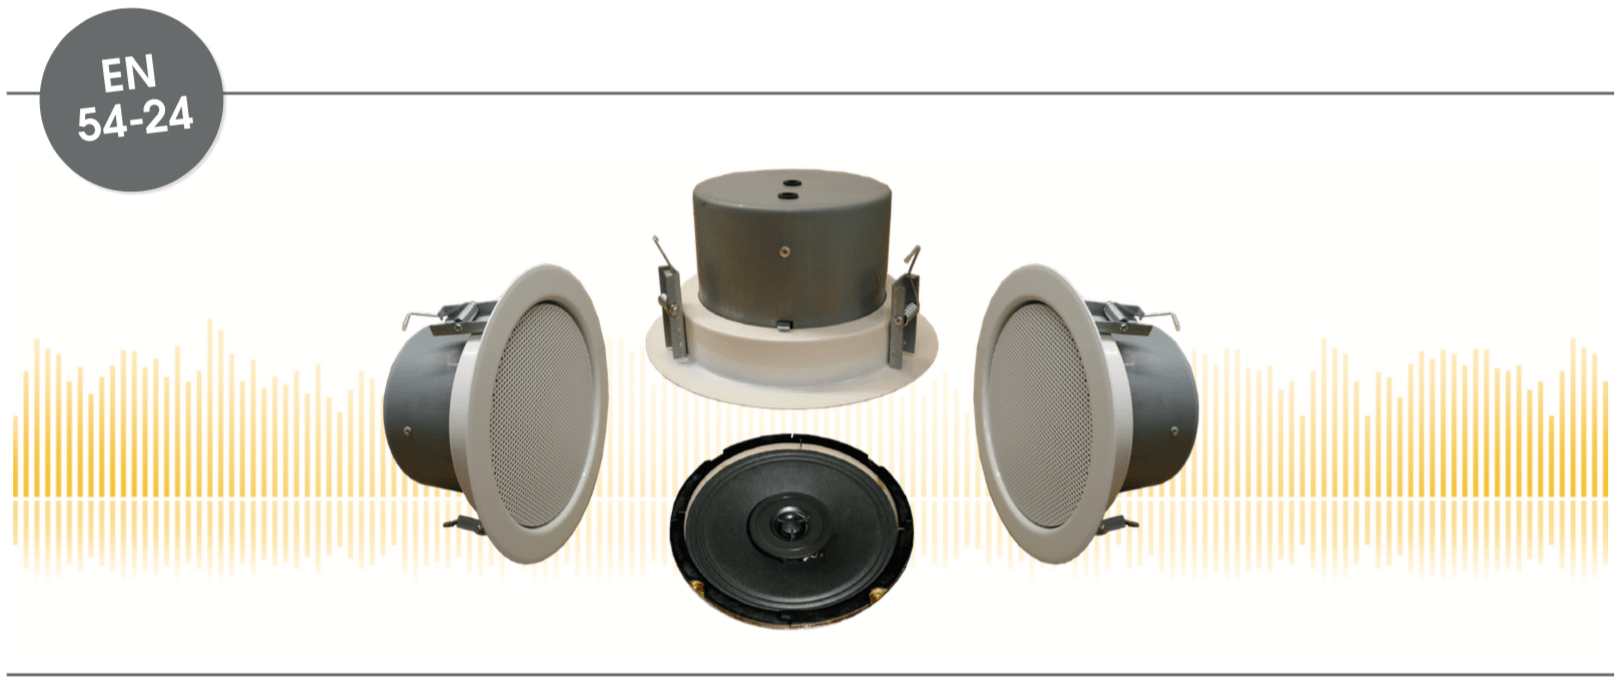 CLB-220-FLAT/30W-II/EN5424